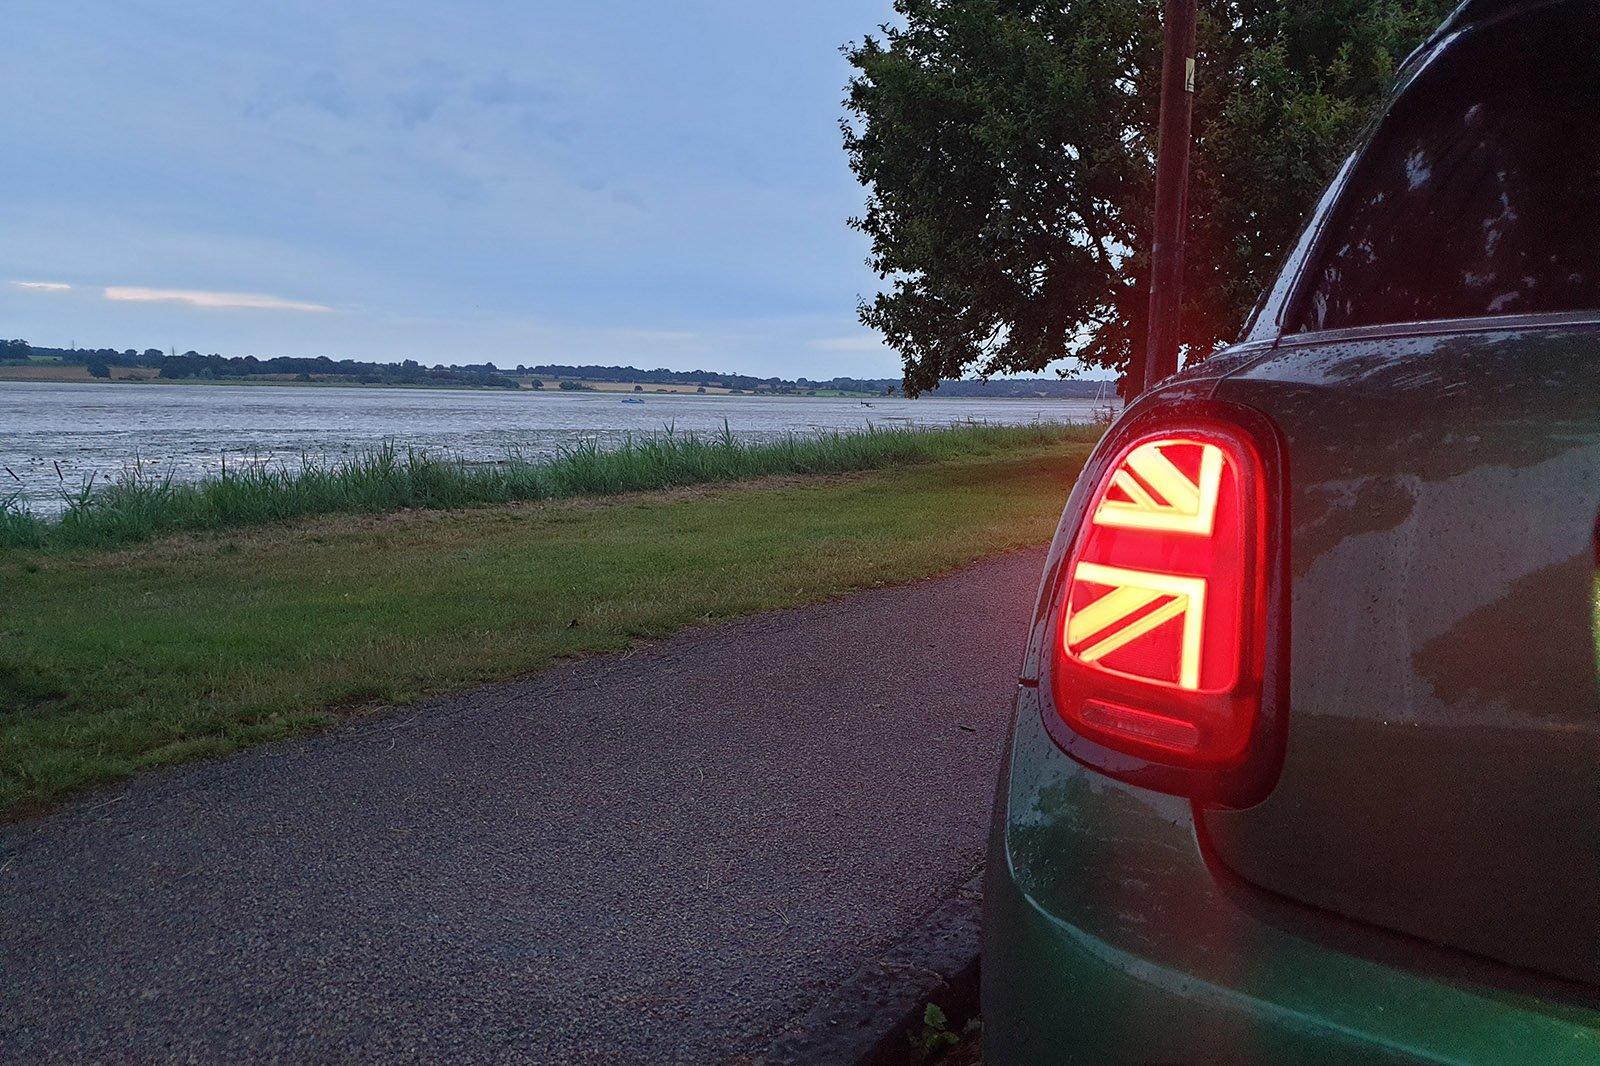 Mini hatch 5-door 2021 rear lights